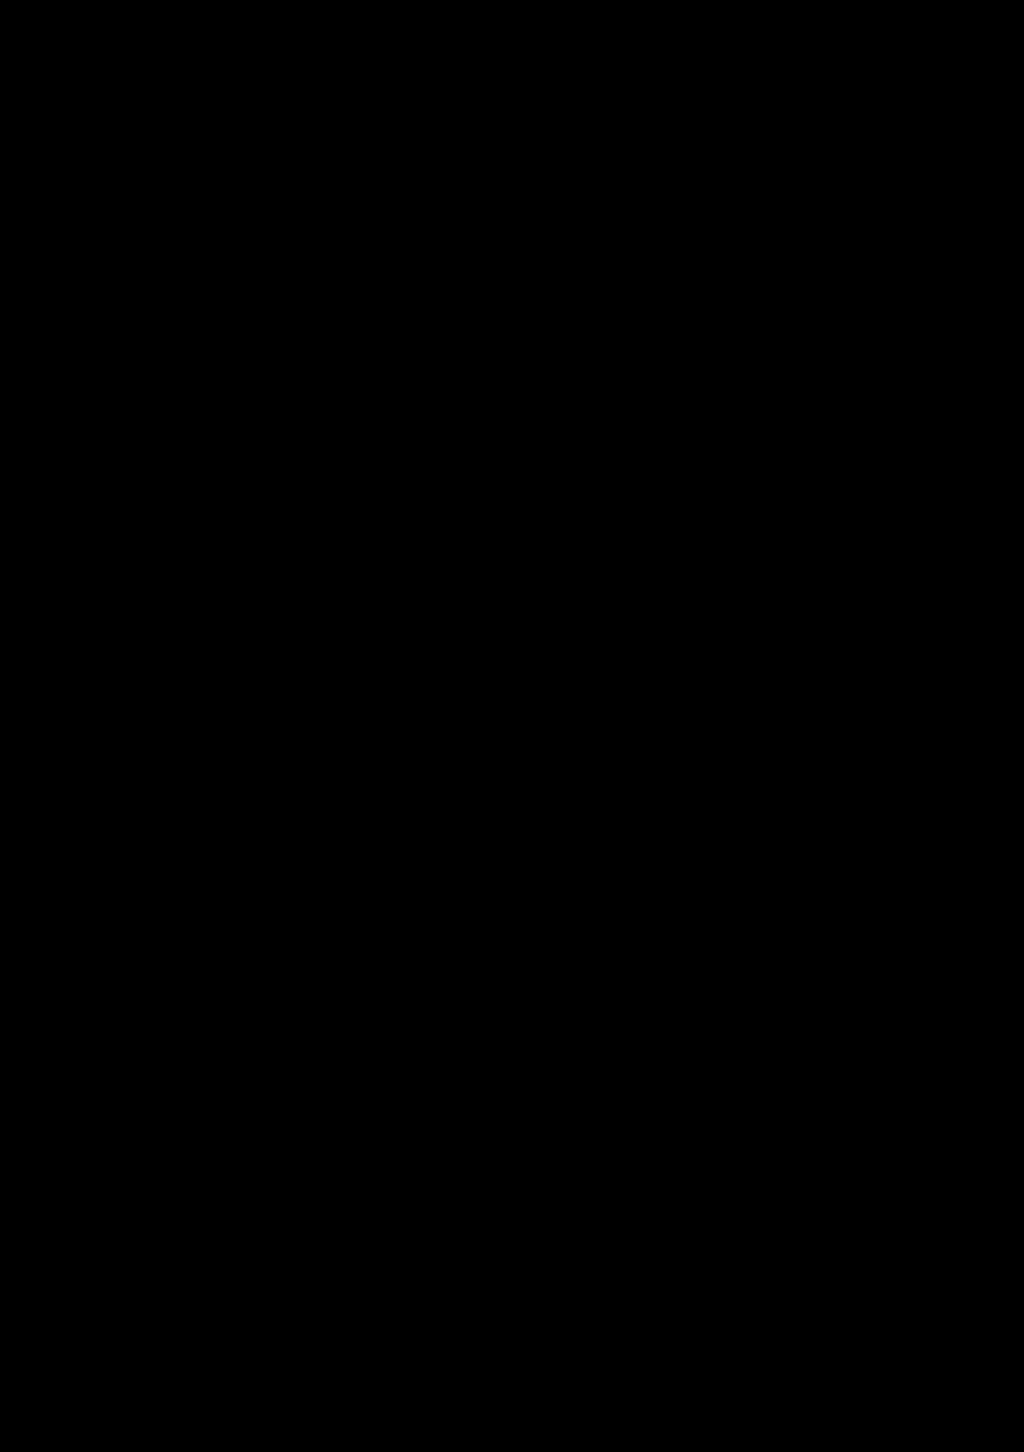 Mai Natsume 9 Lineart by CerberusYuri